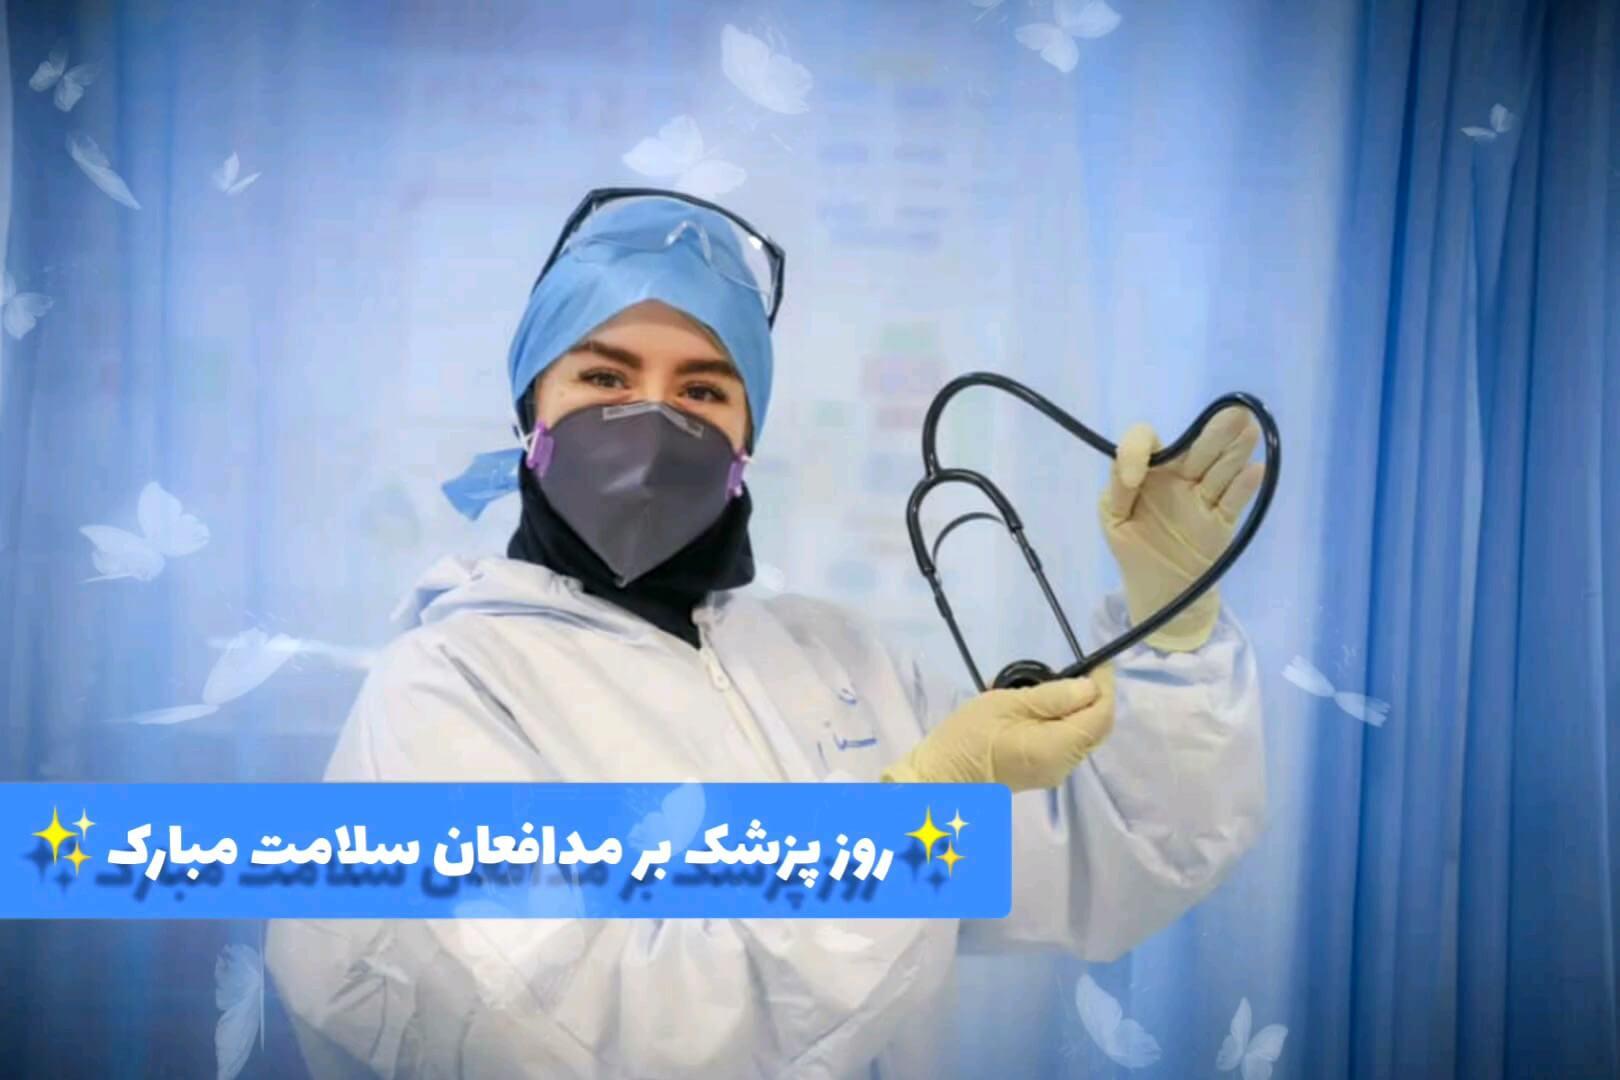 گیف روز پزشک مبارک | مدافعان سلامت